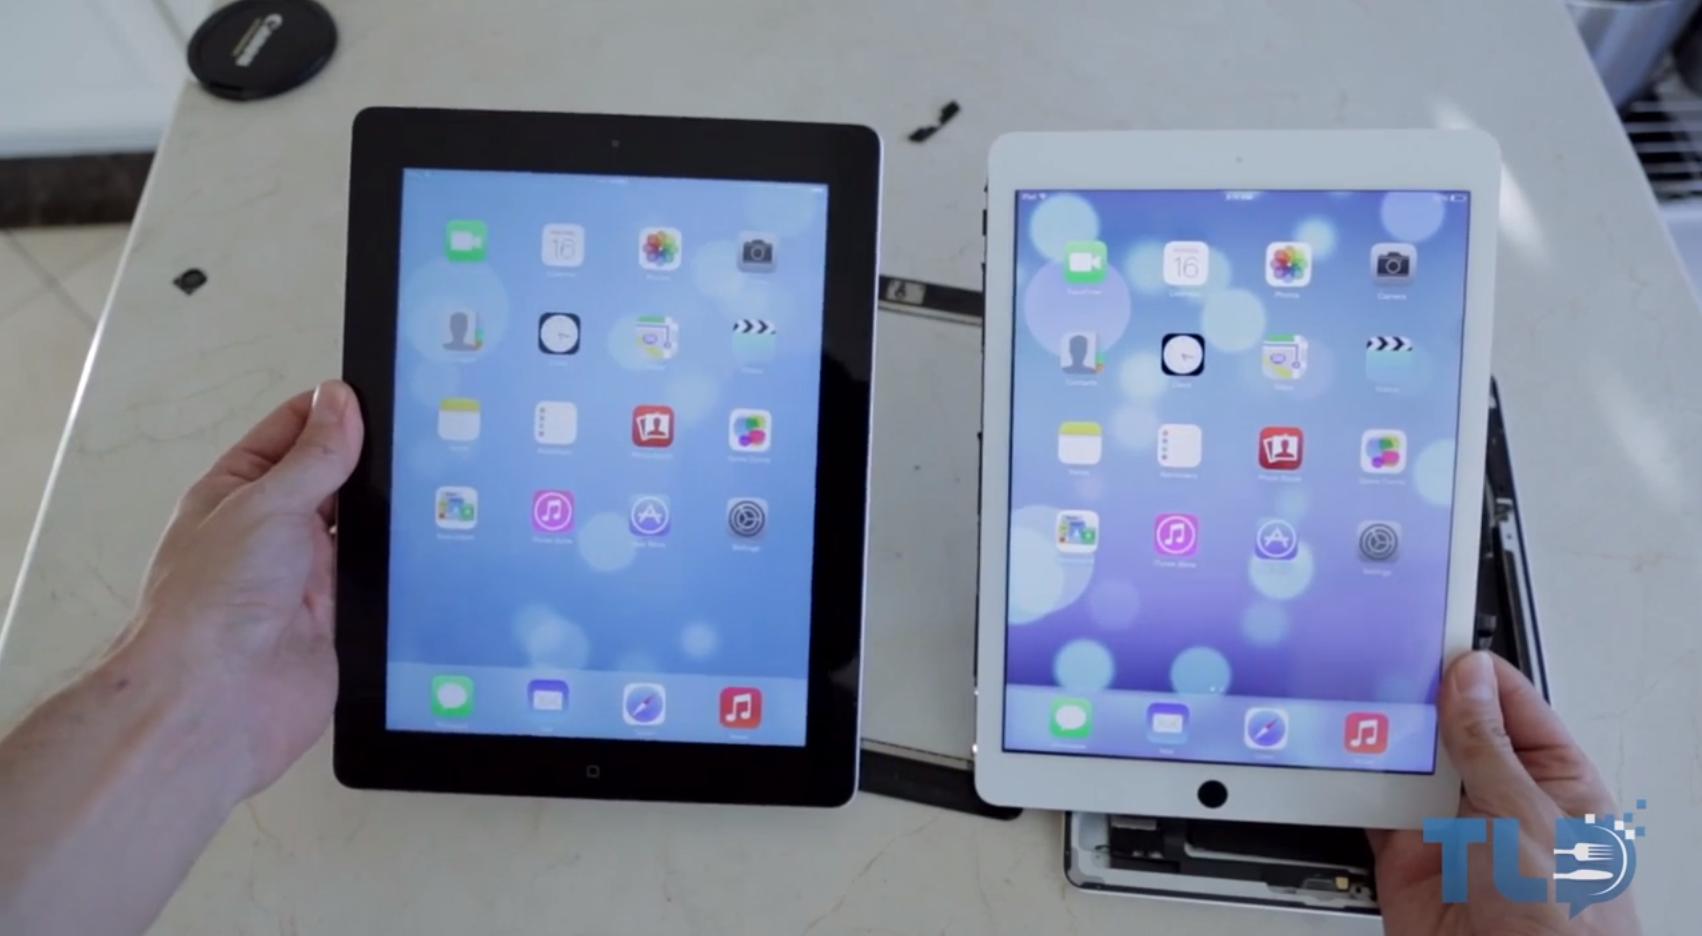 Vídeo da suposta carcaça do iPad de quinta geração